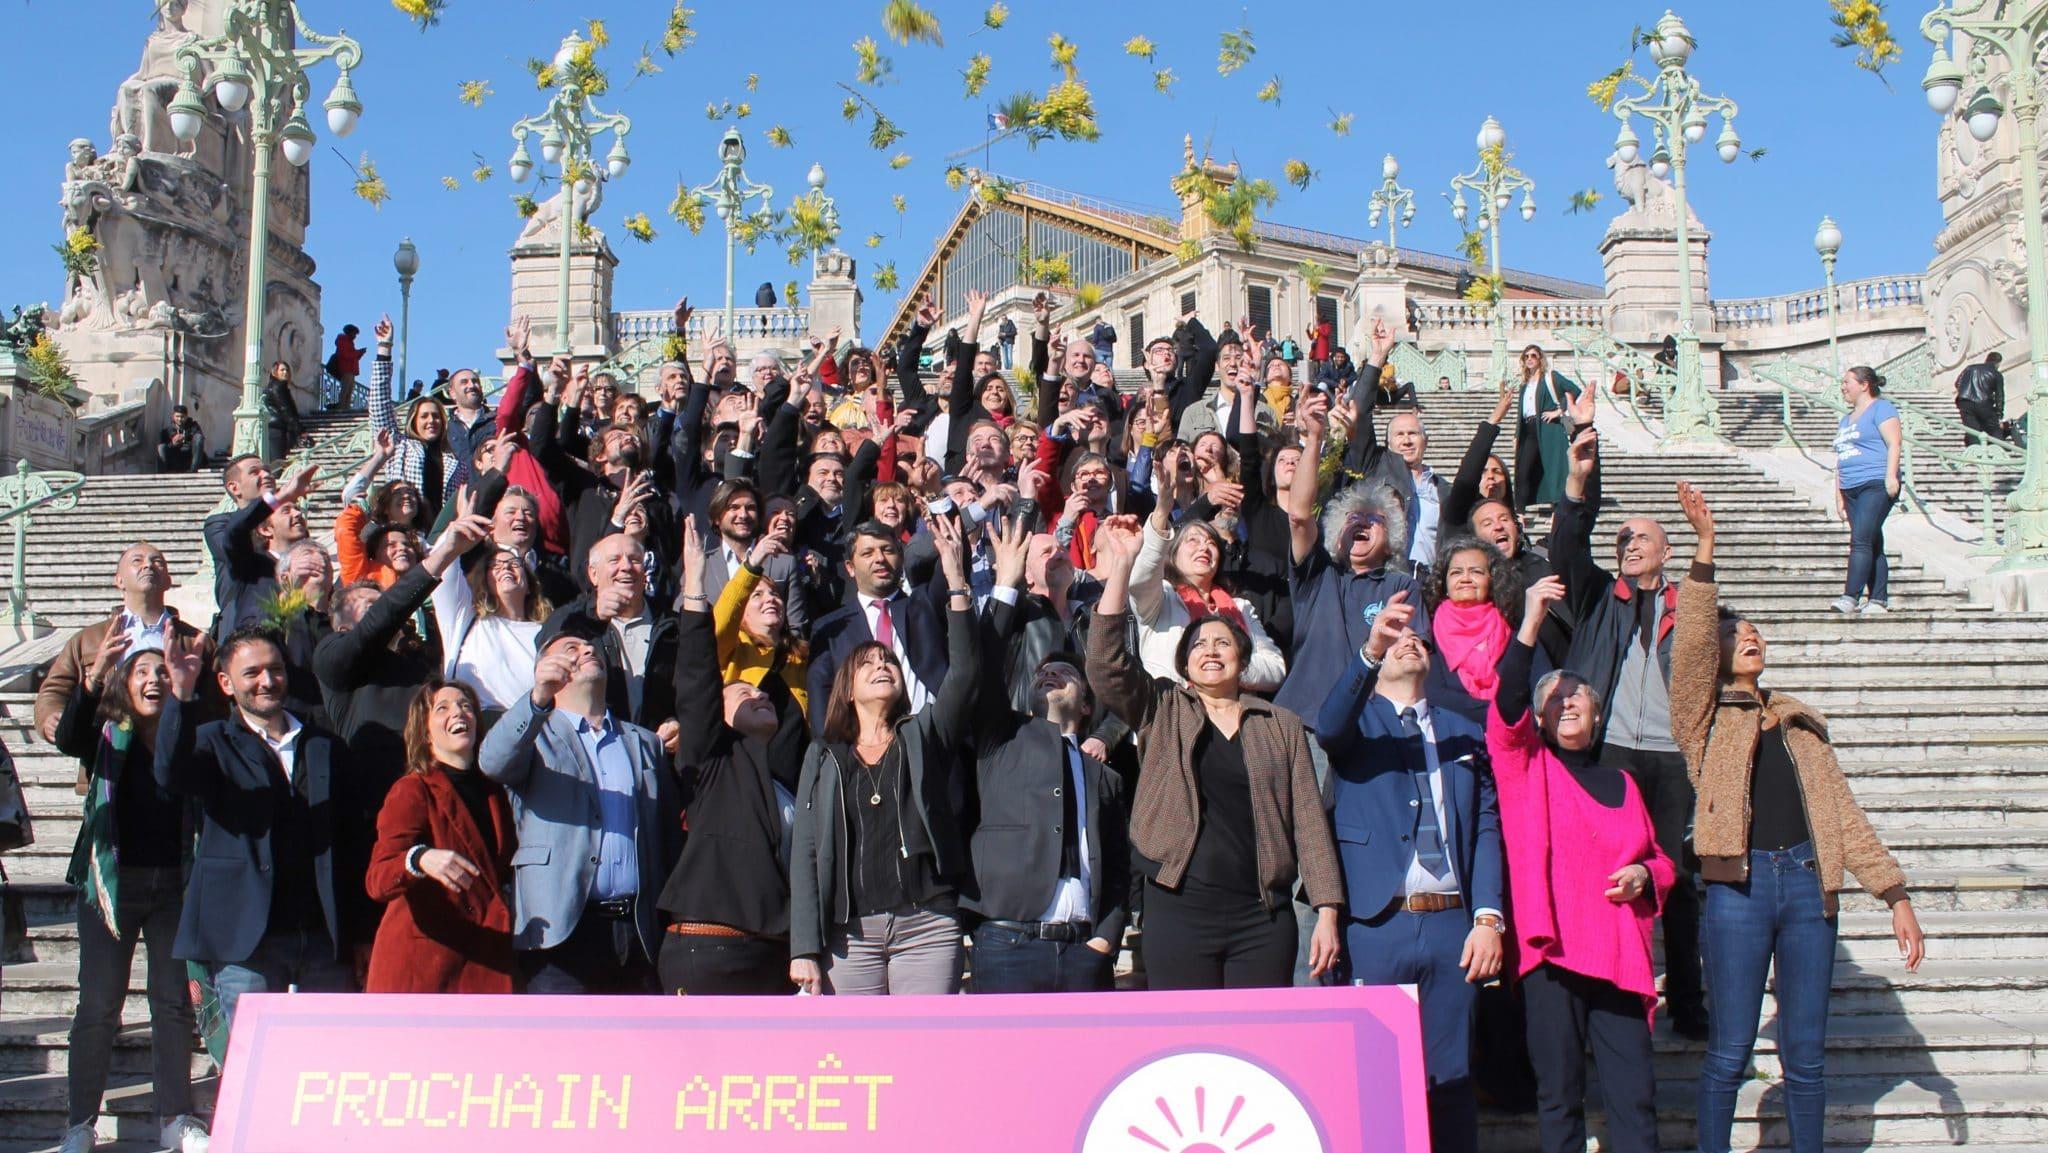 Au Printemps marseillais, les dissidences éclosent aux abords des départementales